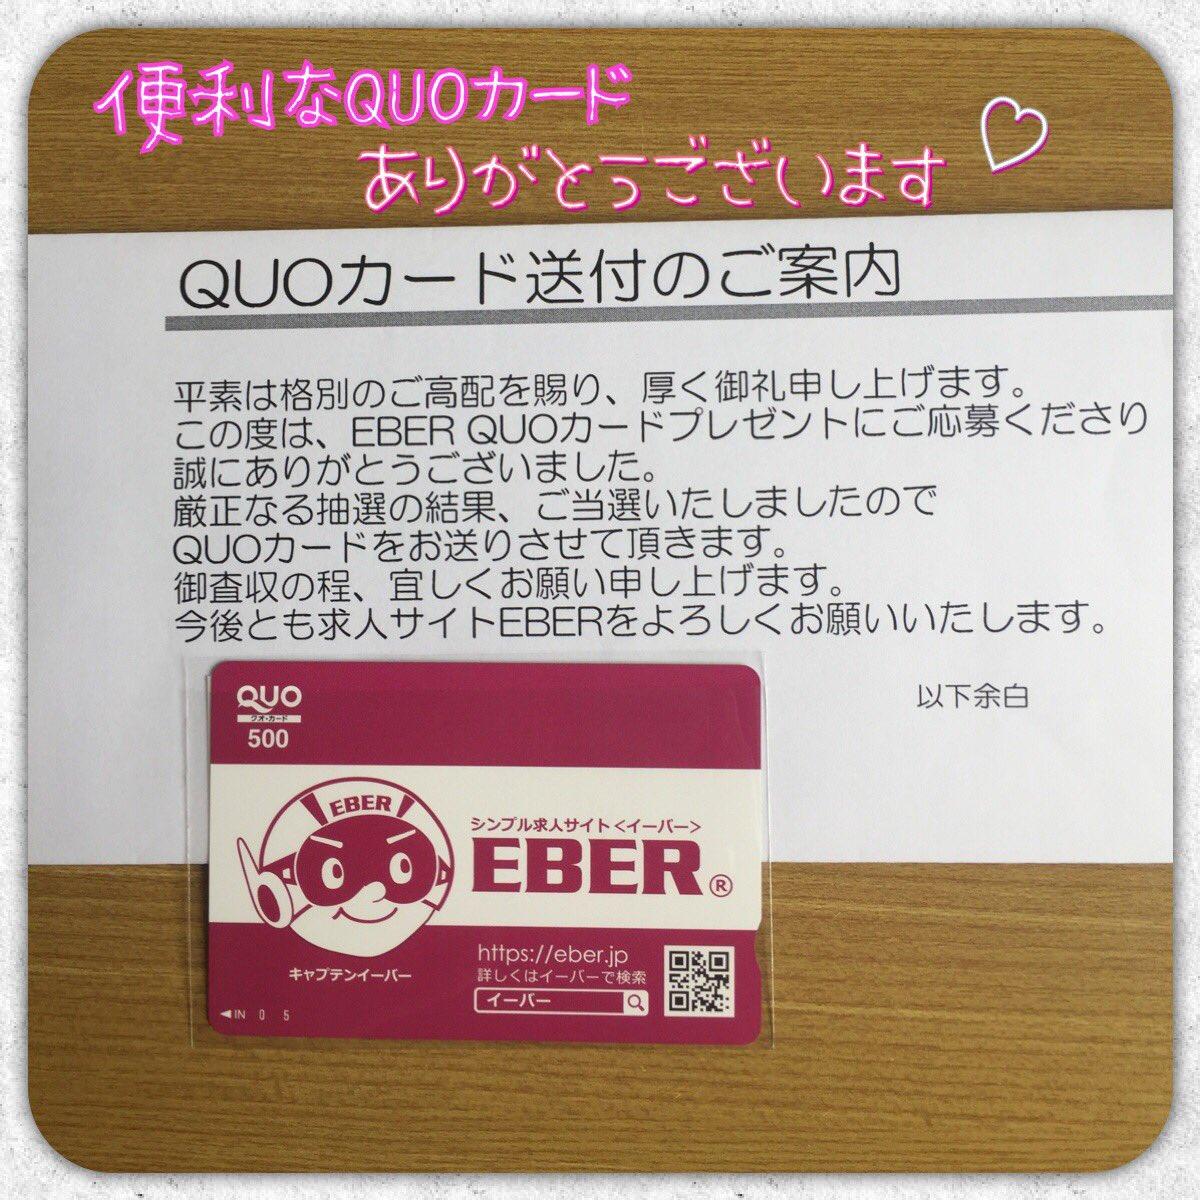 求人アクセス応援サイトEBER〈イーバー〉様(@eber_jp )より 当選していたQUOカード500円 が届きました😌🌸今回、医療従事者の無料掲載をされていて、とても嬉しかったです😭EBER様は、明石市を中心としたシンプル求人サイトでチラシのように一覧で求人情報を閲覧できます☺️✨#ちゃま当選履歴